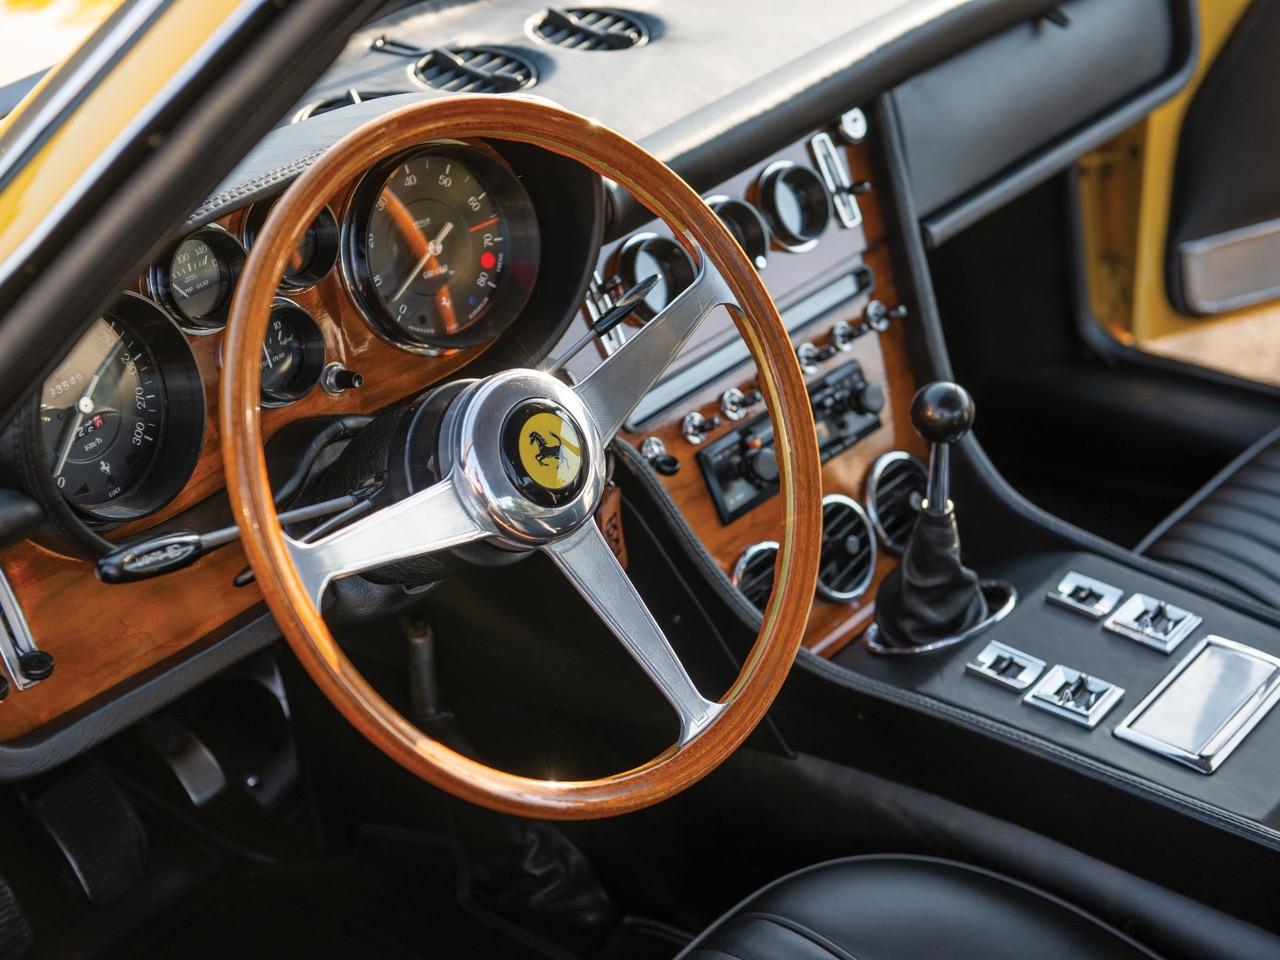 '68 Ferrari 365 GT 2+2 - Le charme des familiales ! 64